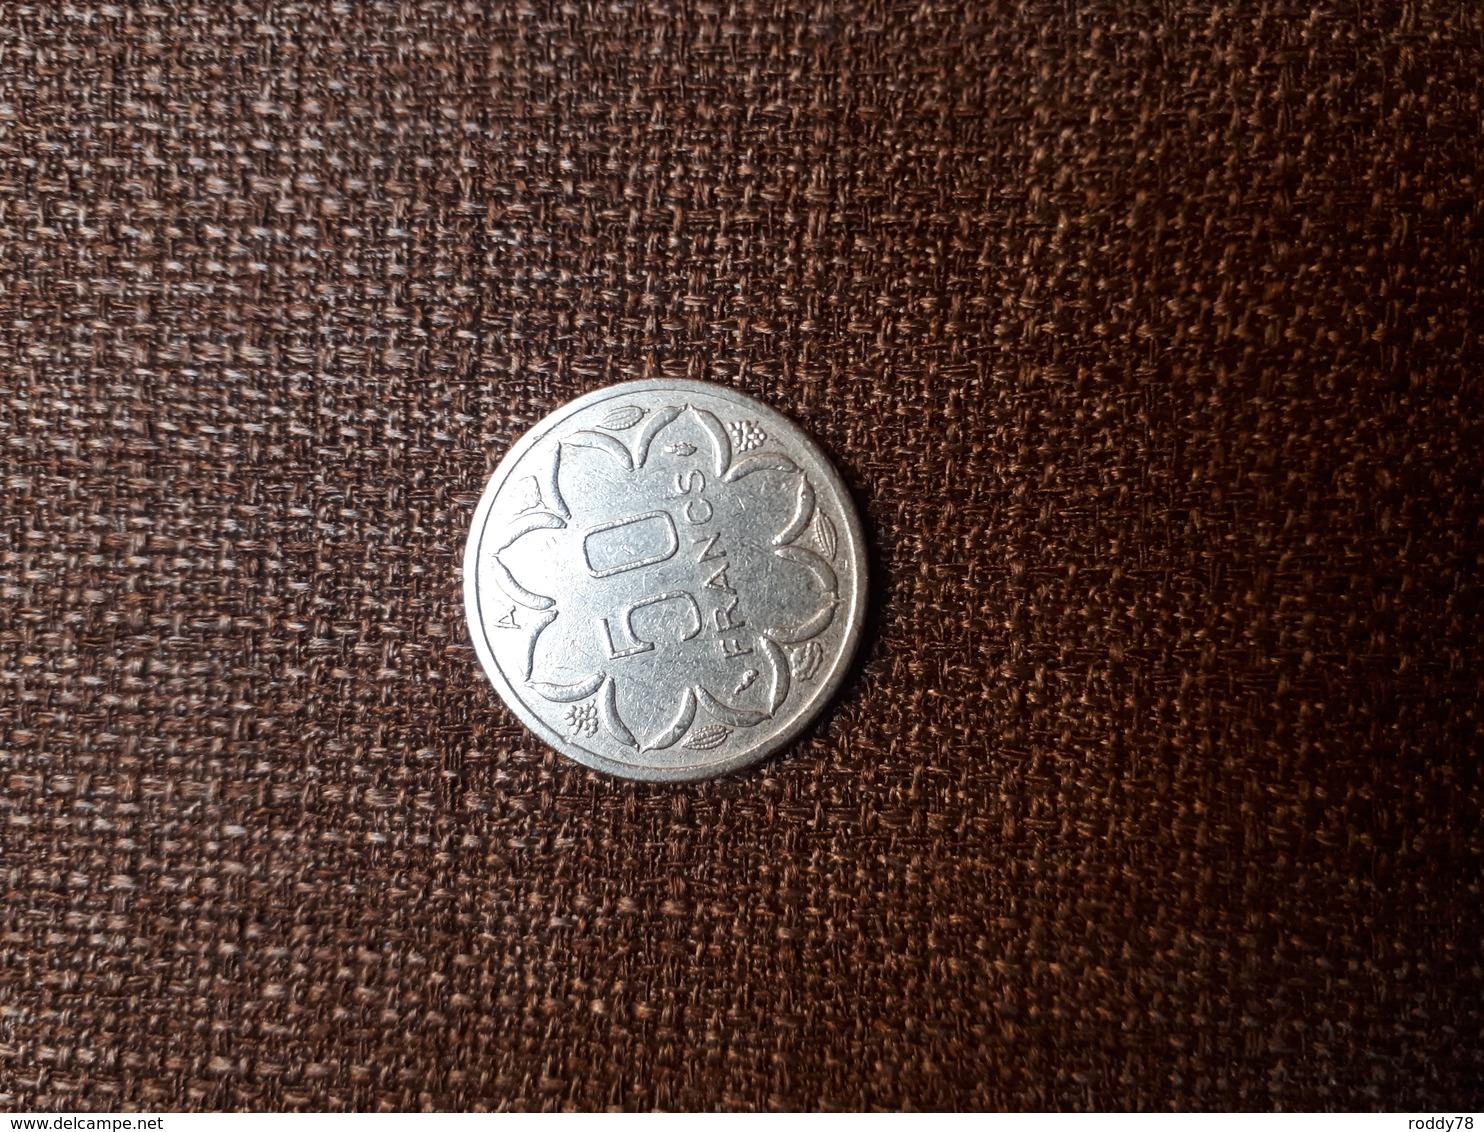 Central African States - Afrique Centrale 50 Francs 1980 A - Monnaies